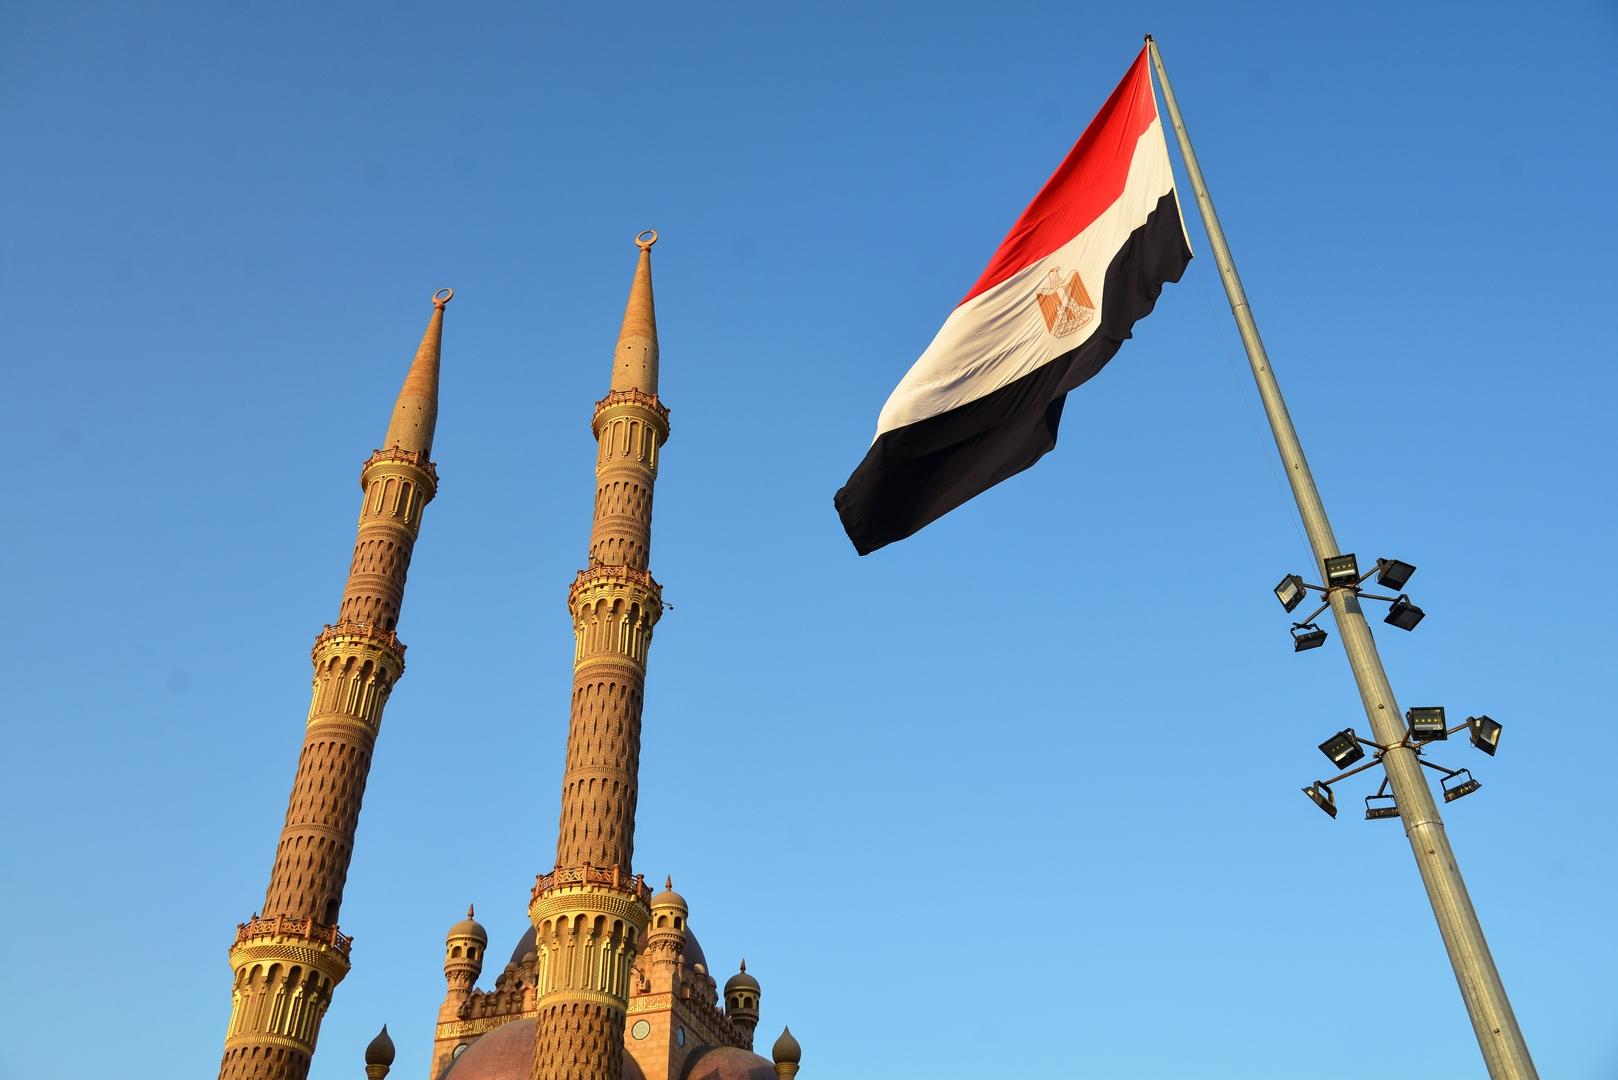 Egypten .. et imponerende satellitbillede af